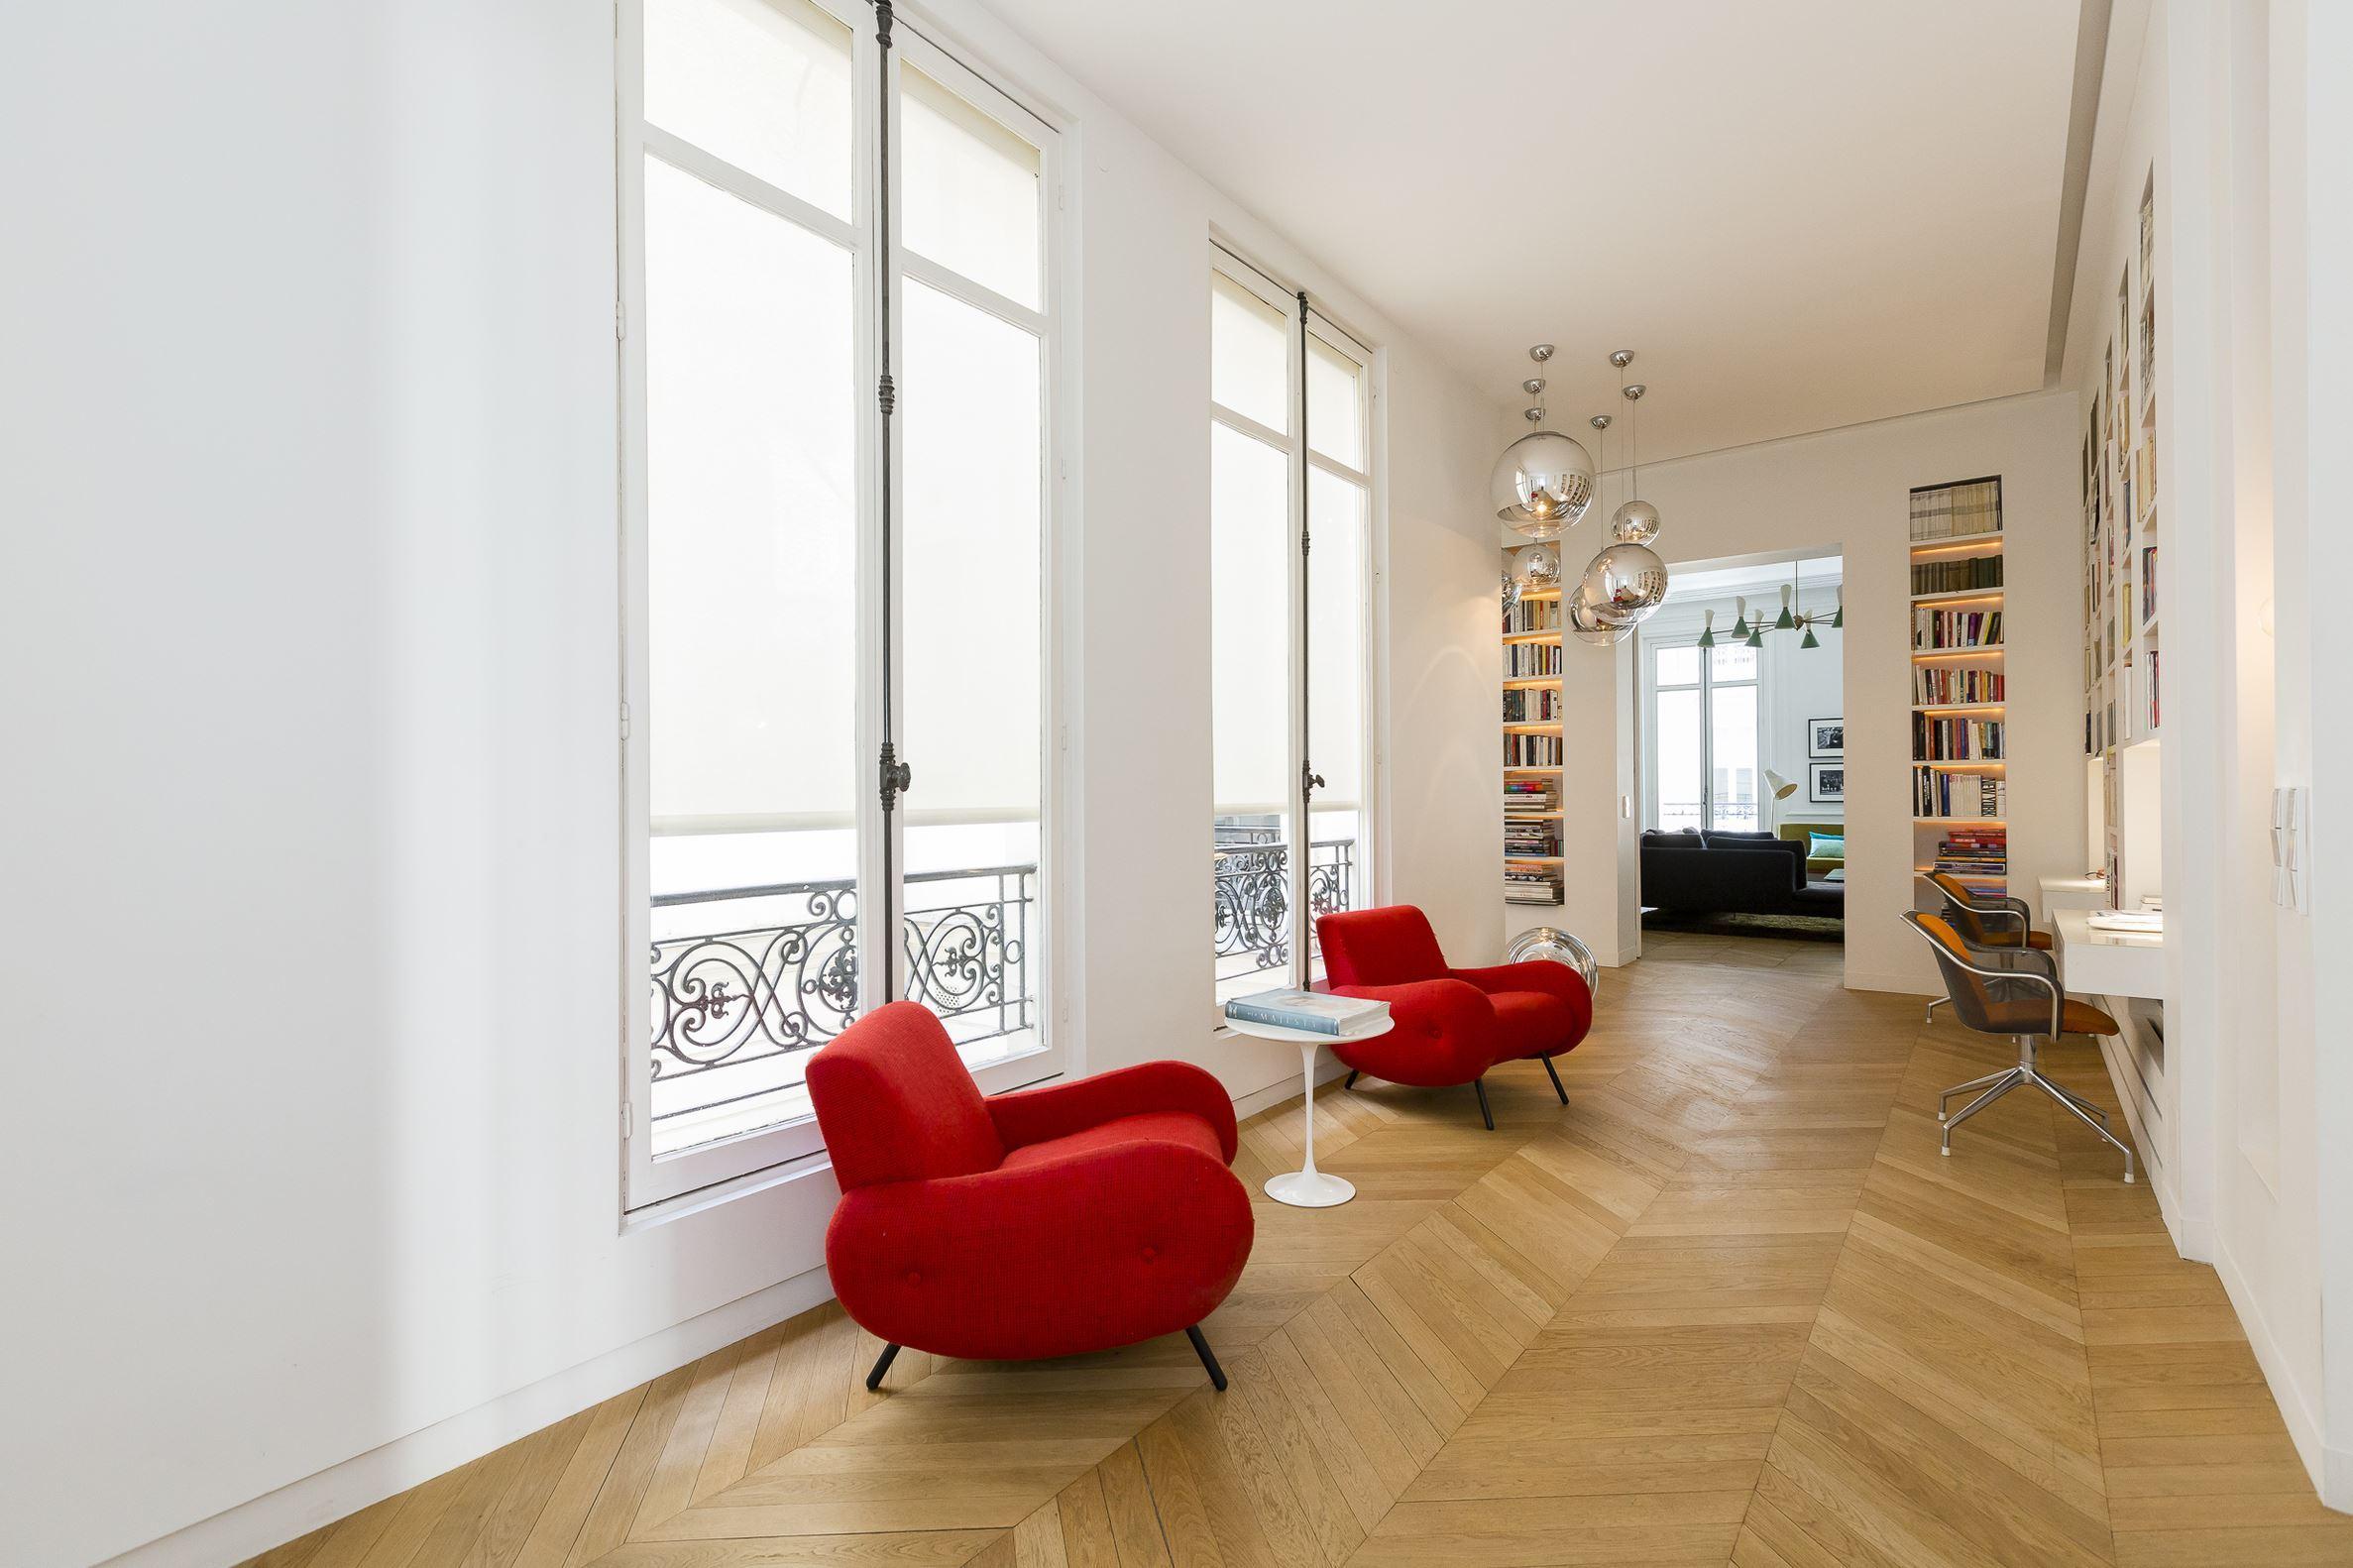 sales property at 75017 - Apartment for sale near Parc Monceau